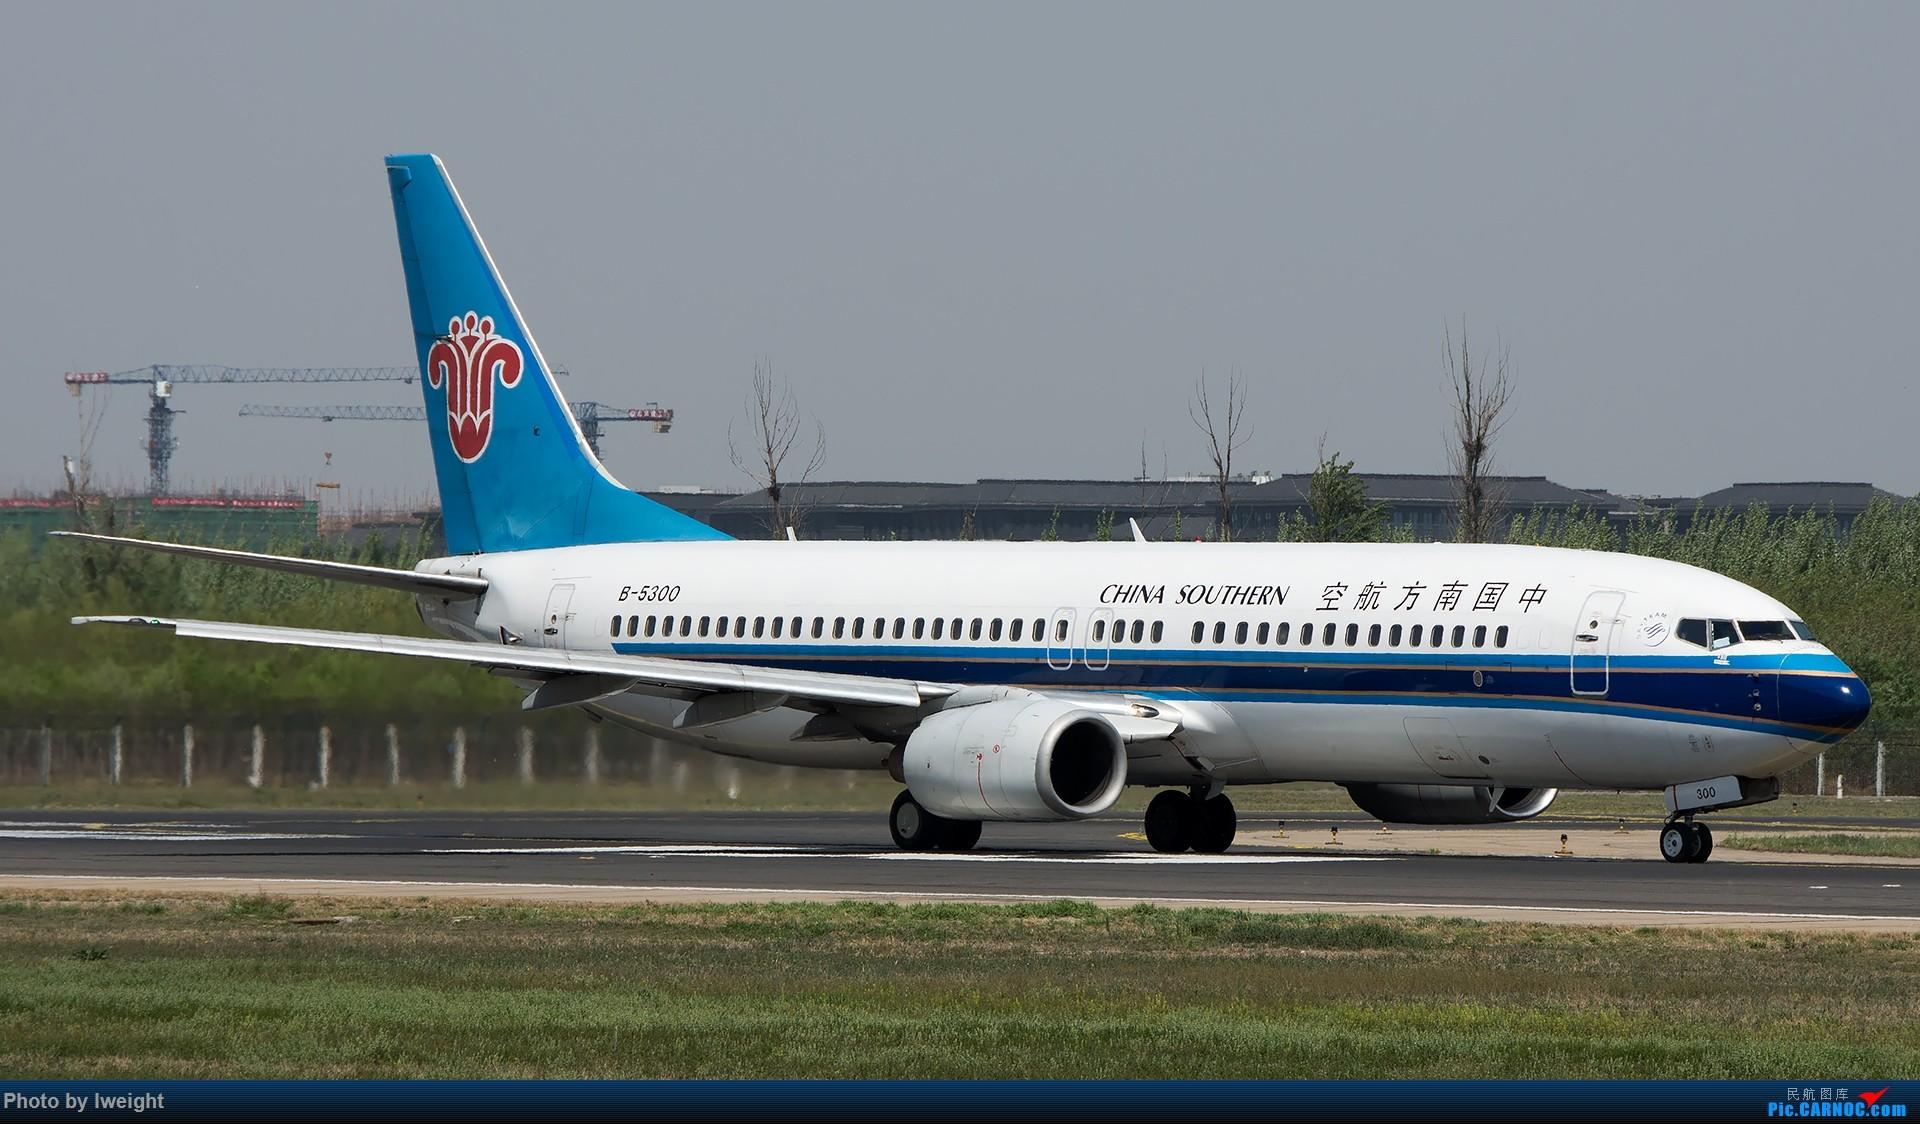 Re:[原创]天气晴朗,继续守候18R【多图】 BOEING 737-800 B-5300 中国北京首都国际机场